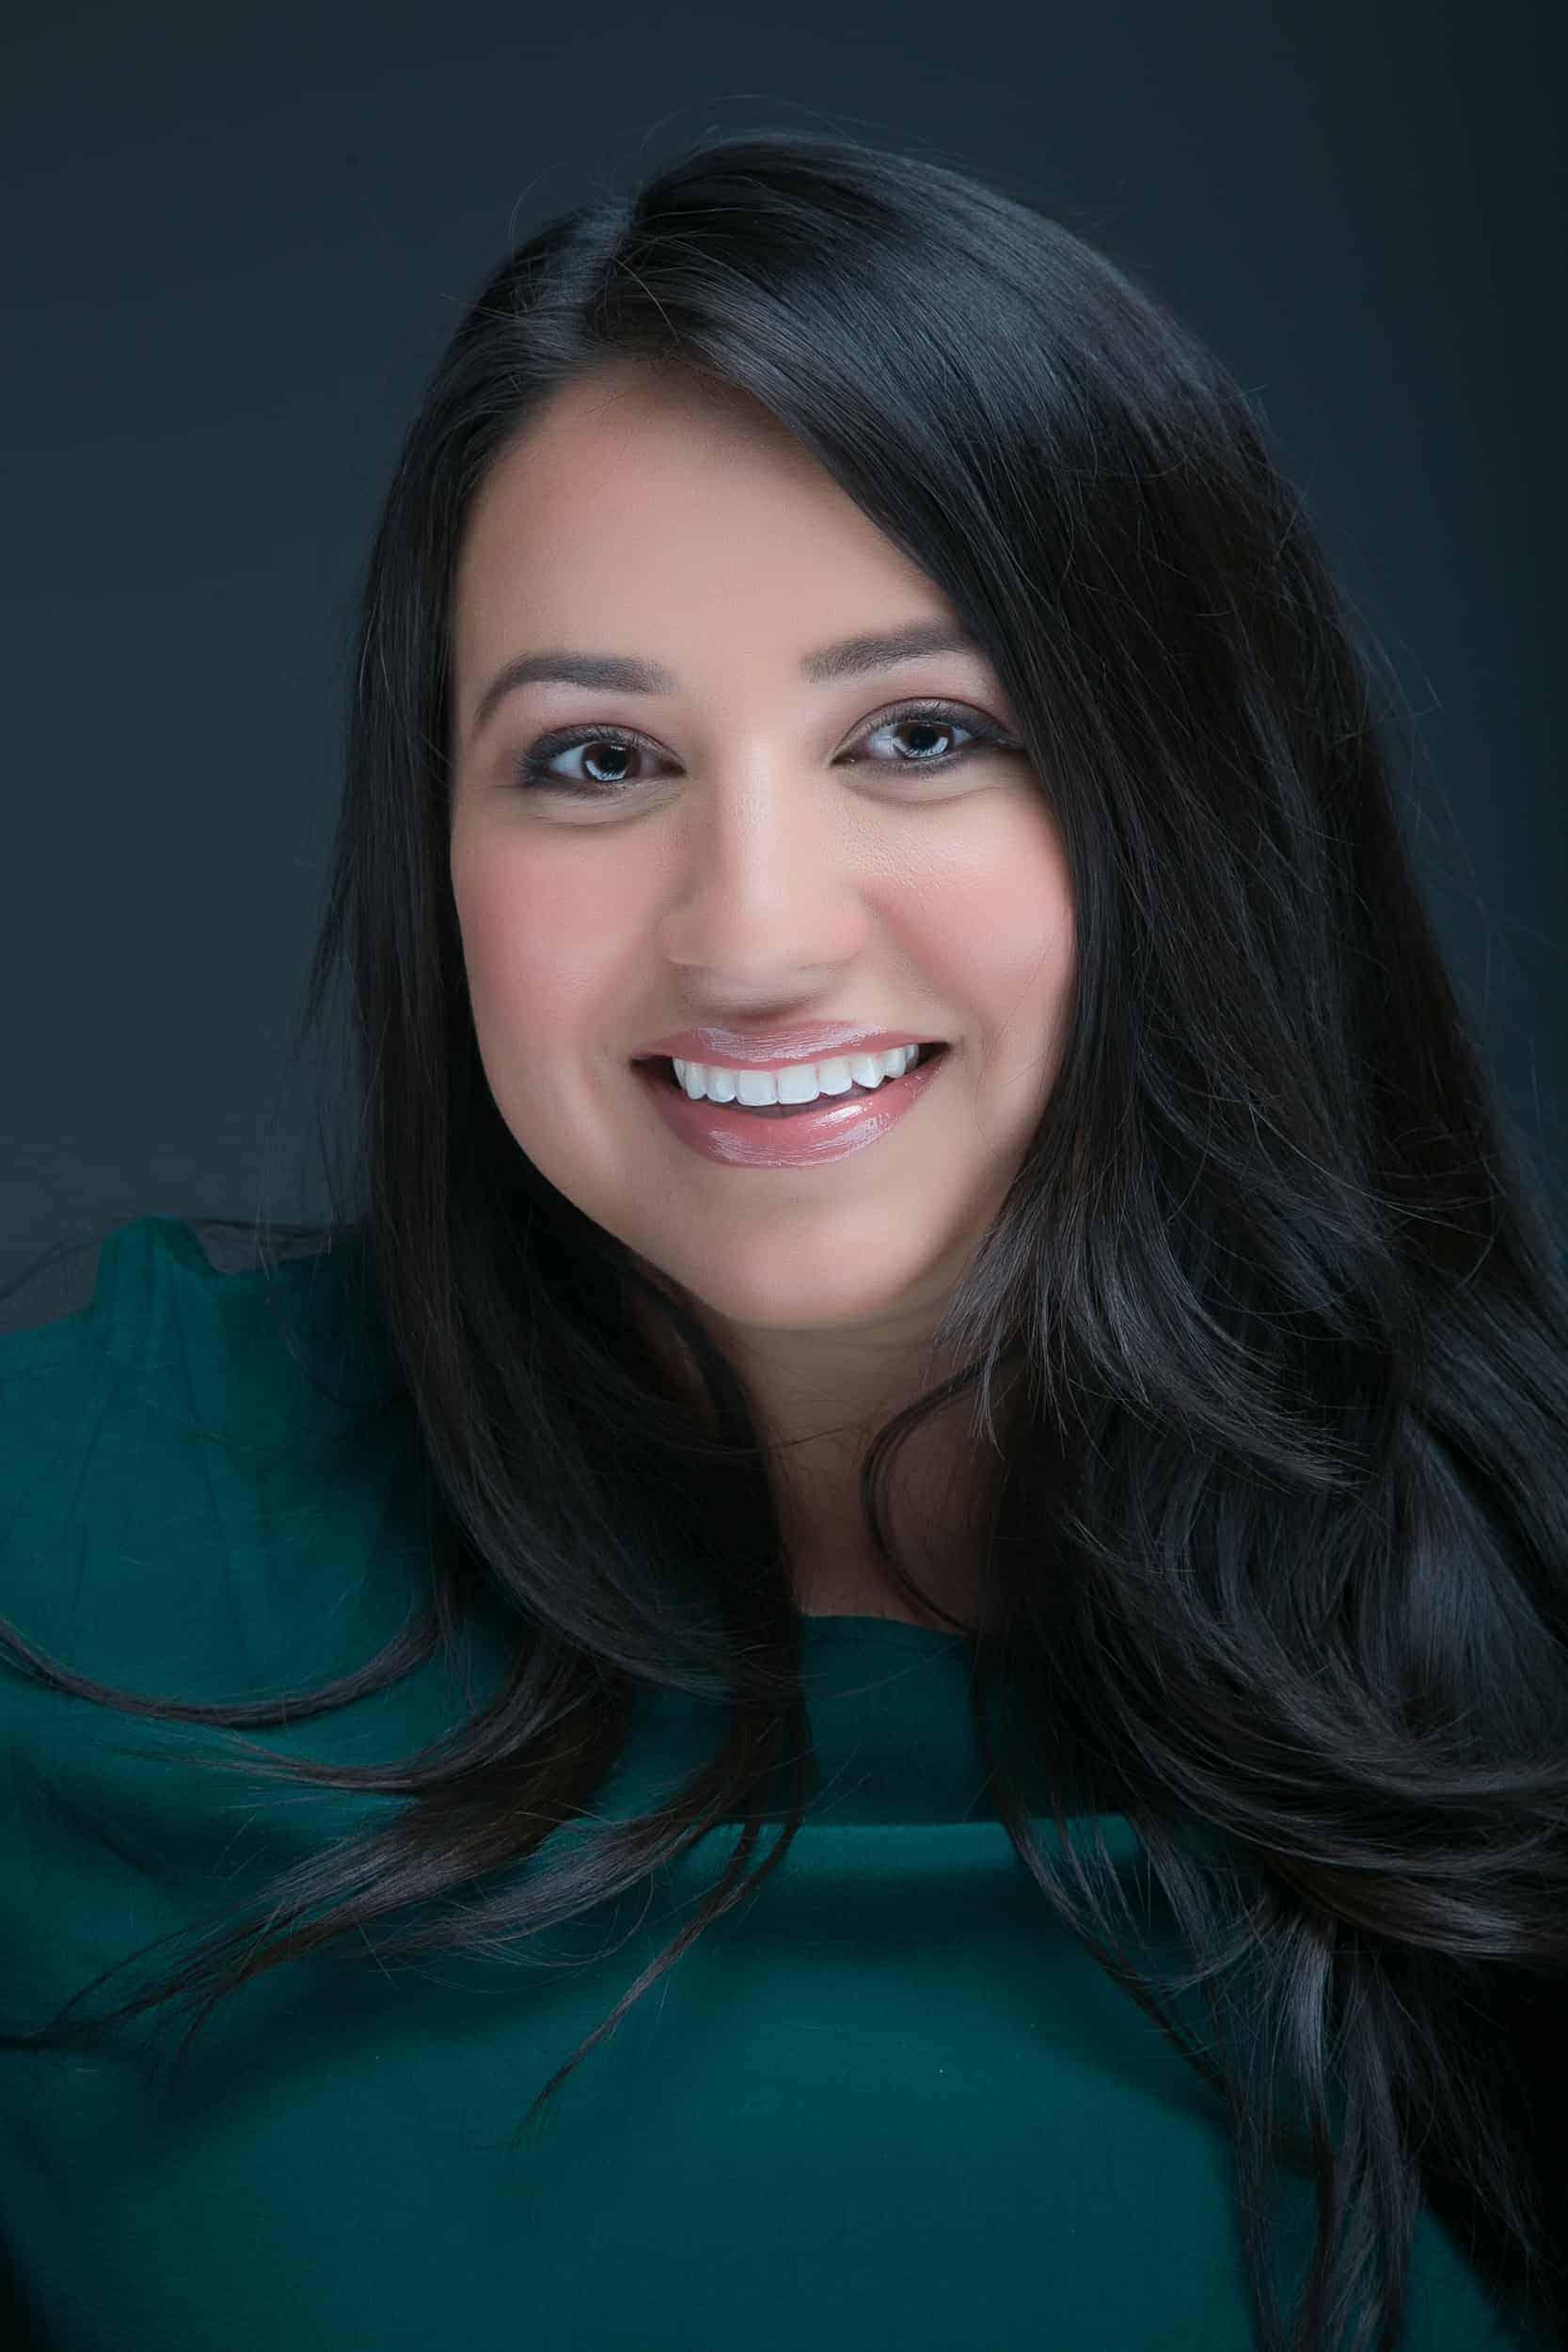 Briana Aviles, SWE Engagement Analyst